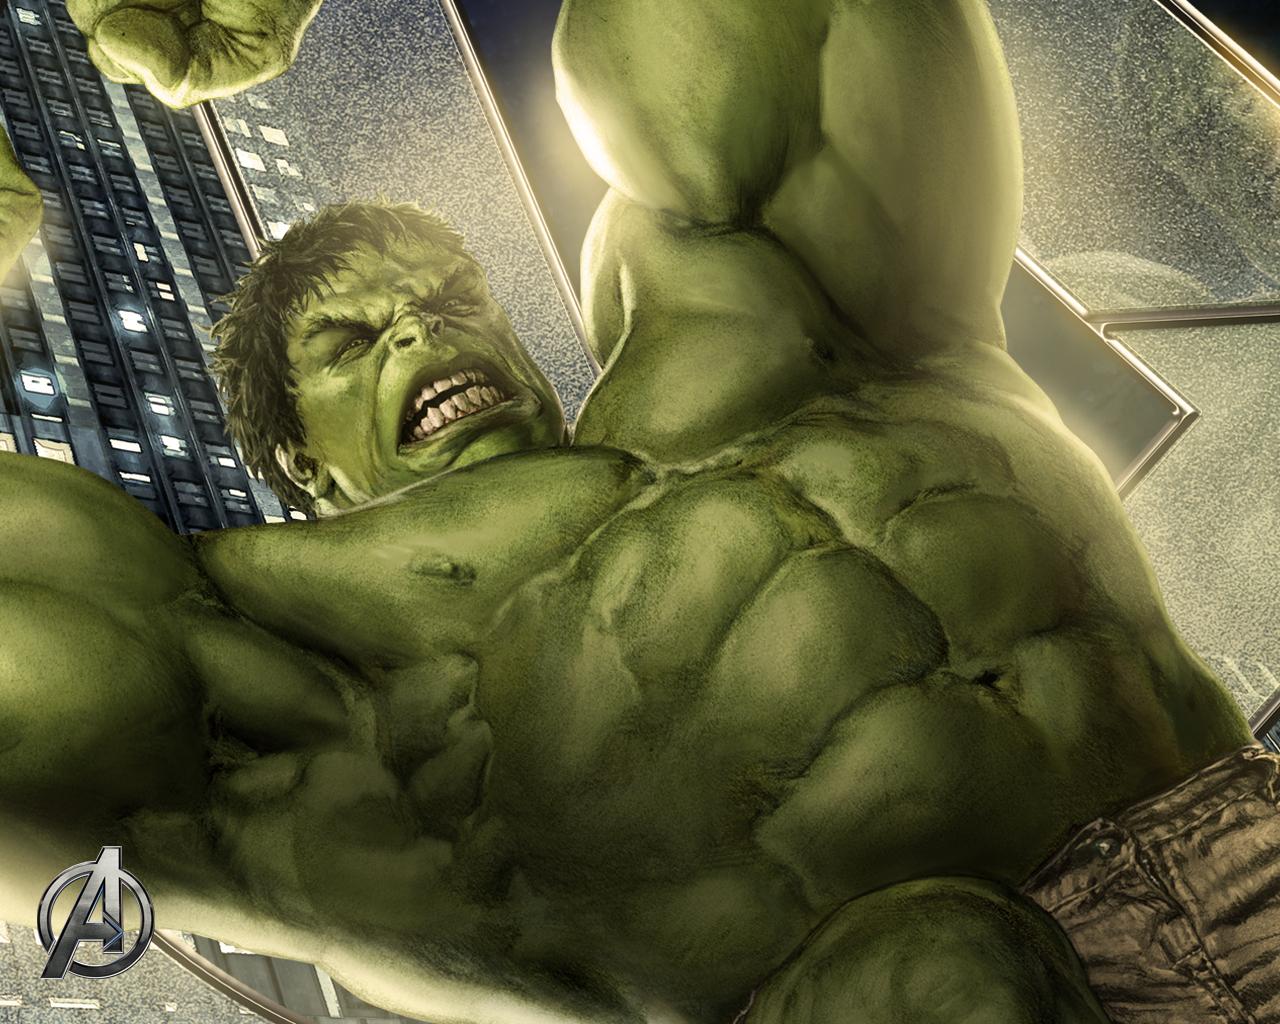 avengers wallpaper 2 hulk blackfilm avengers wallpaper 2 hulk 1280x1024